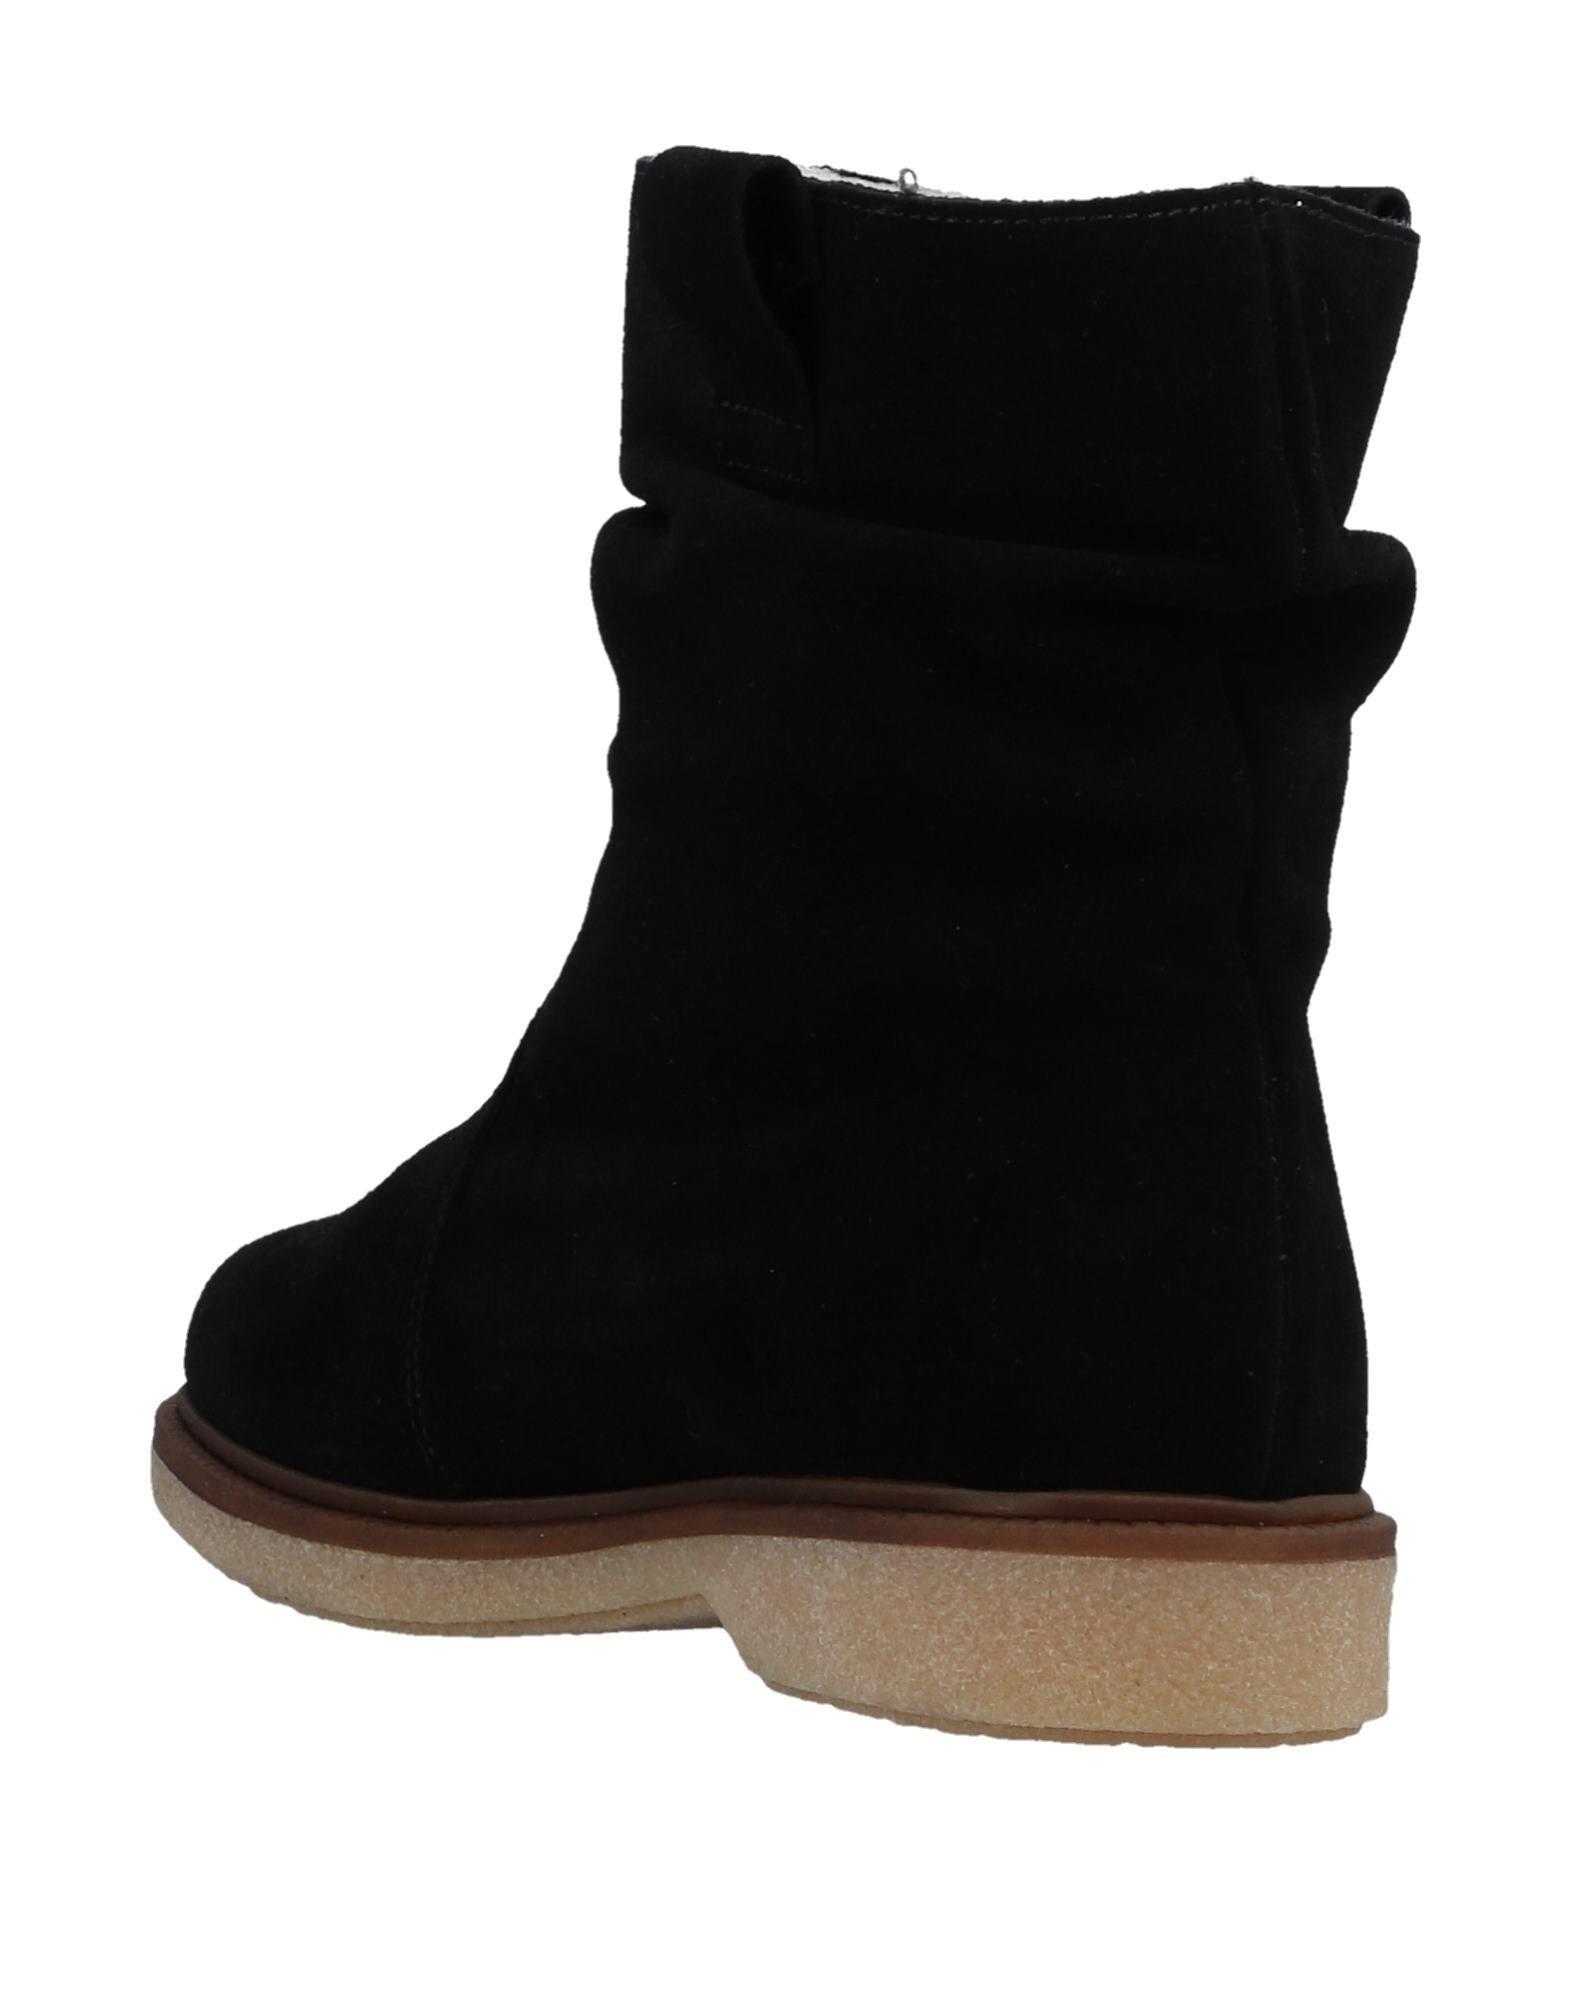 FOOTWEAR Carlo Pazolini Black Woman Leather